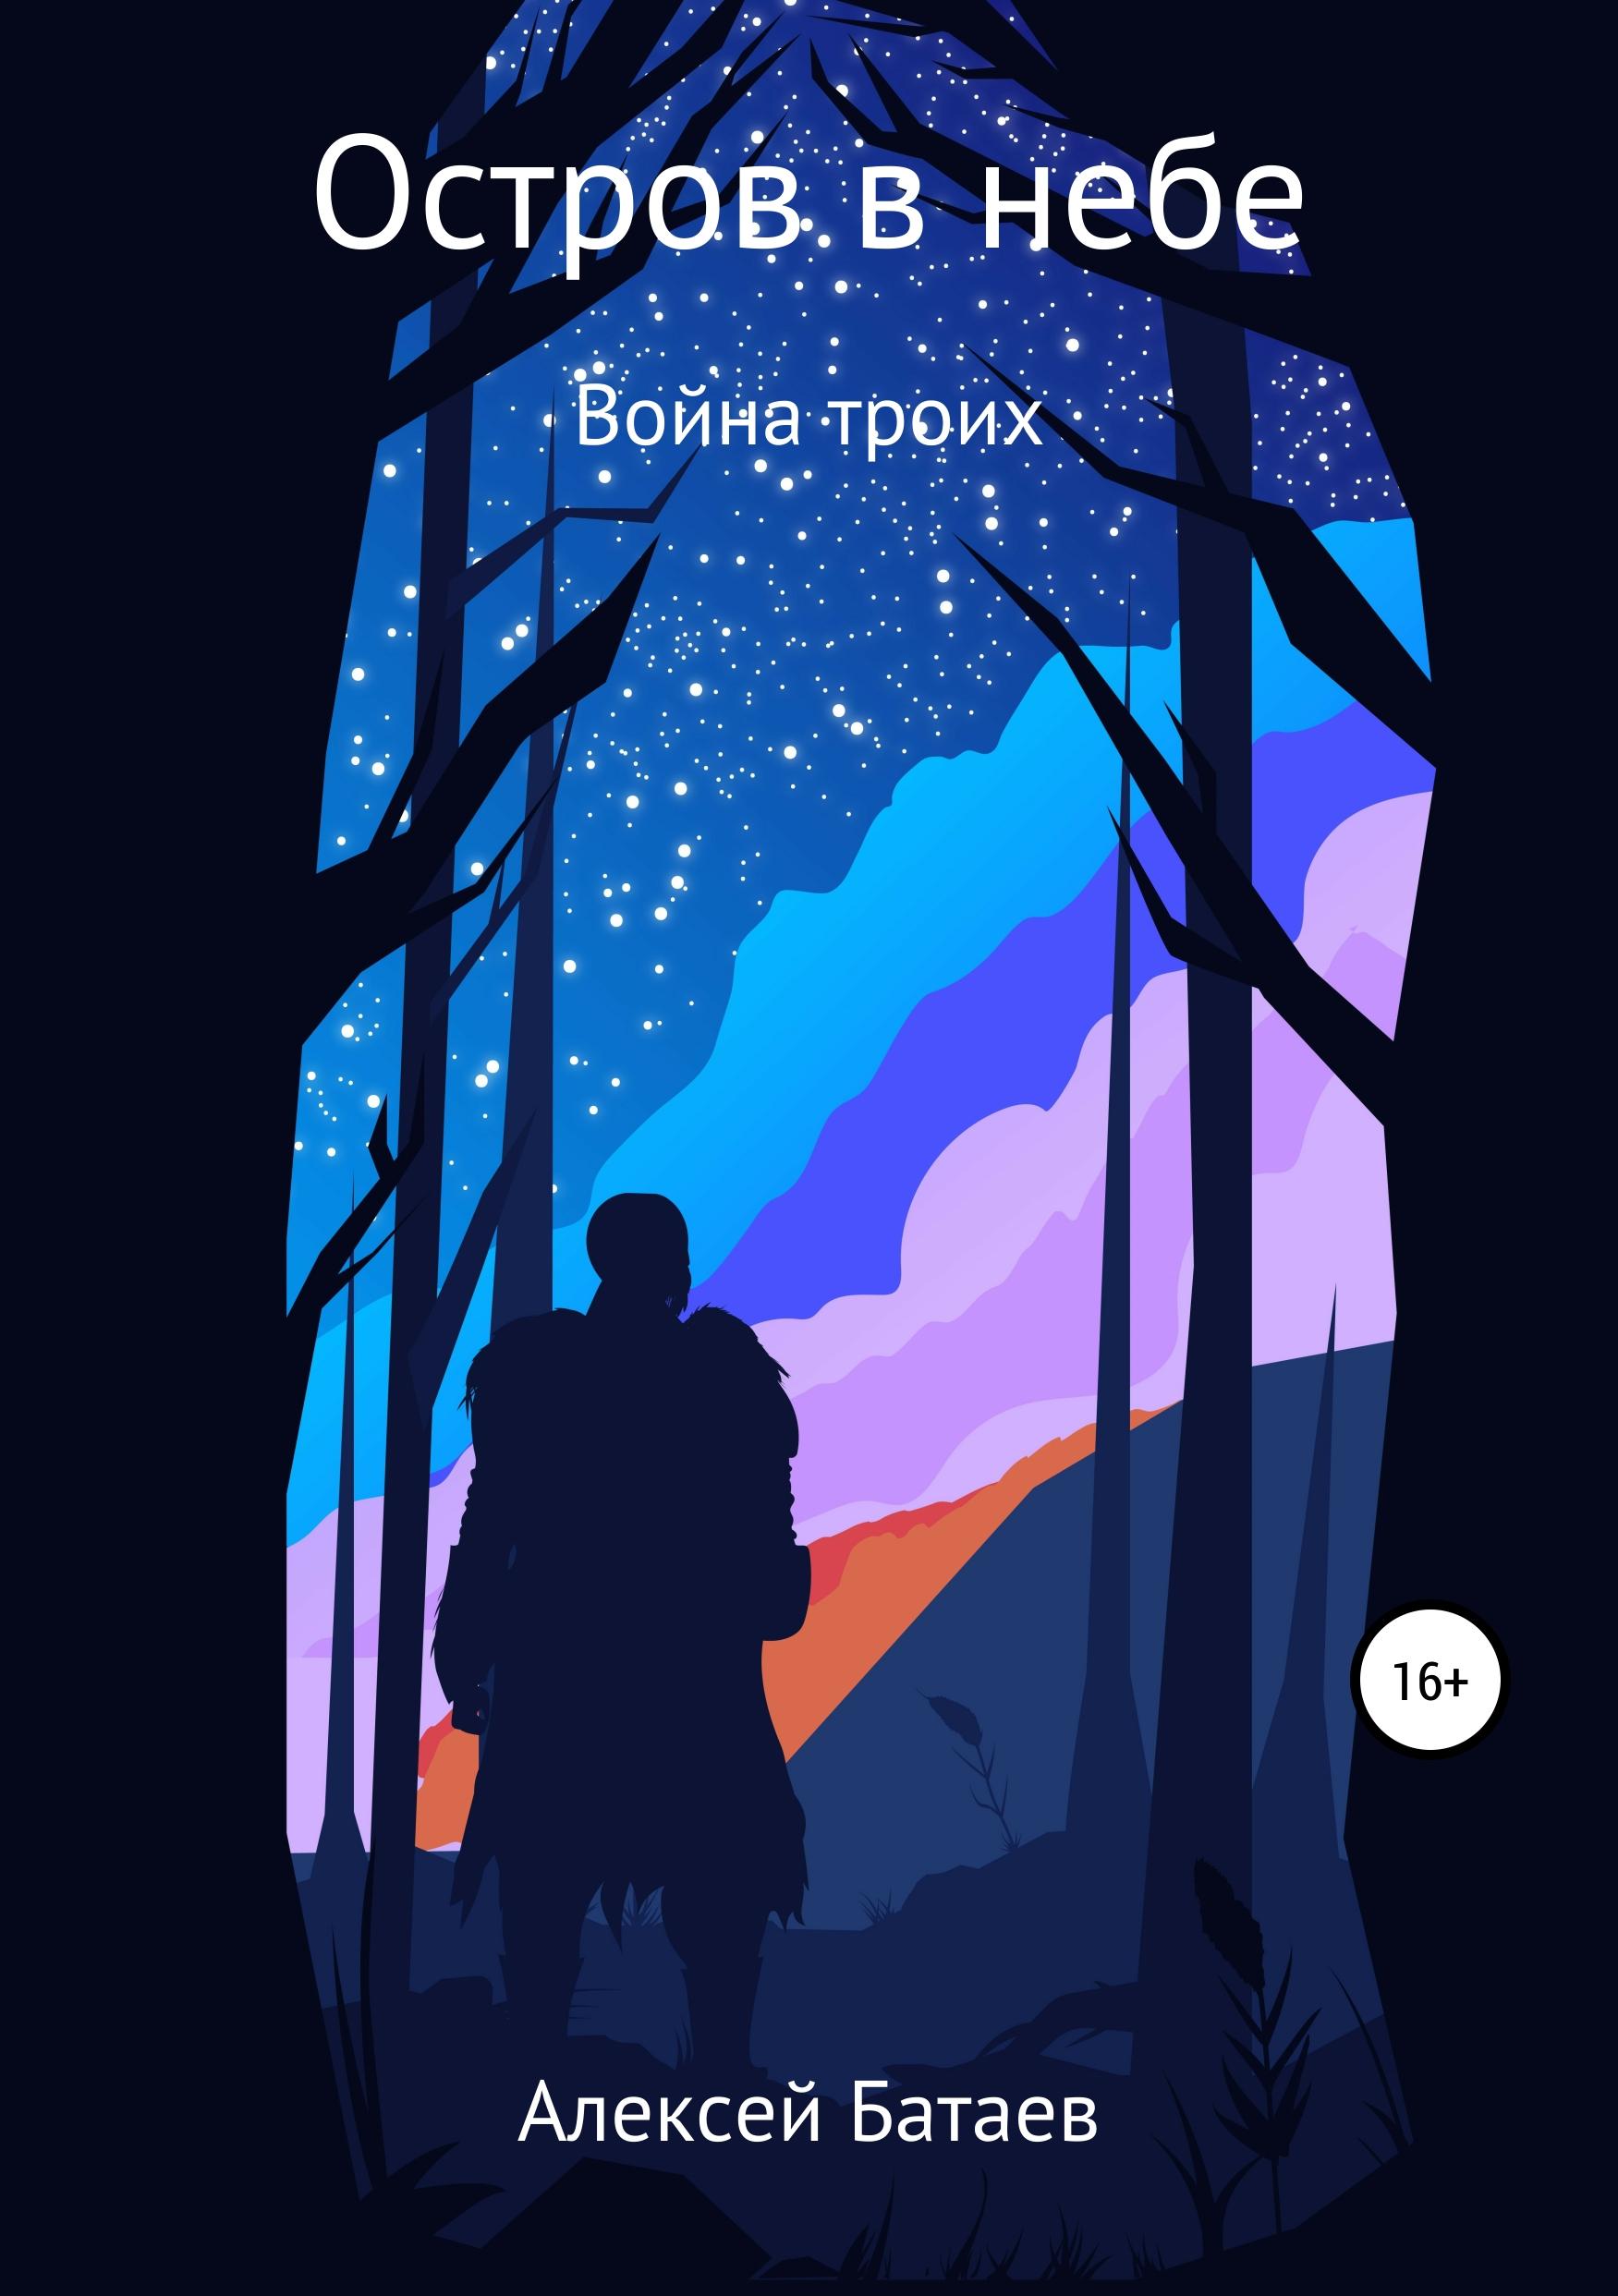 Алексей Евгеньевич Батаев Остров в небе: война троих